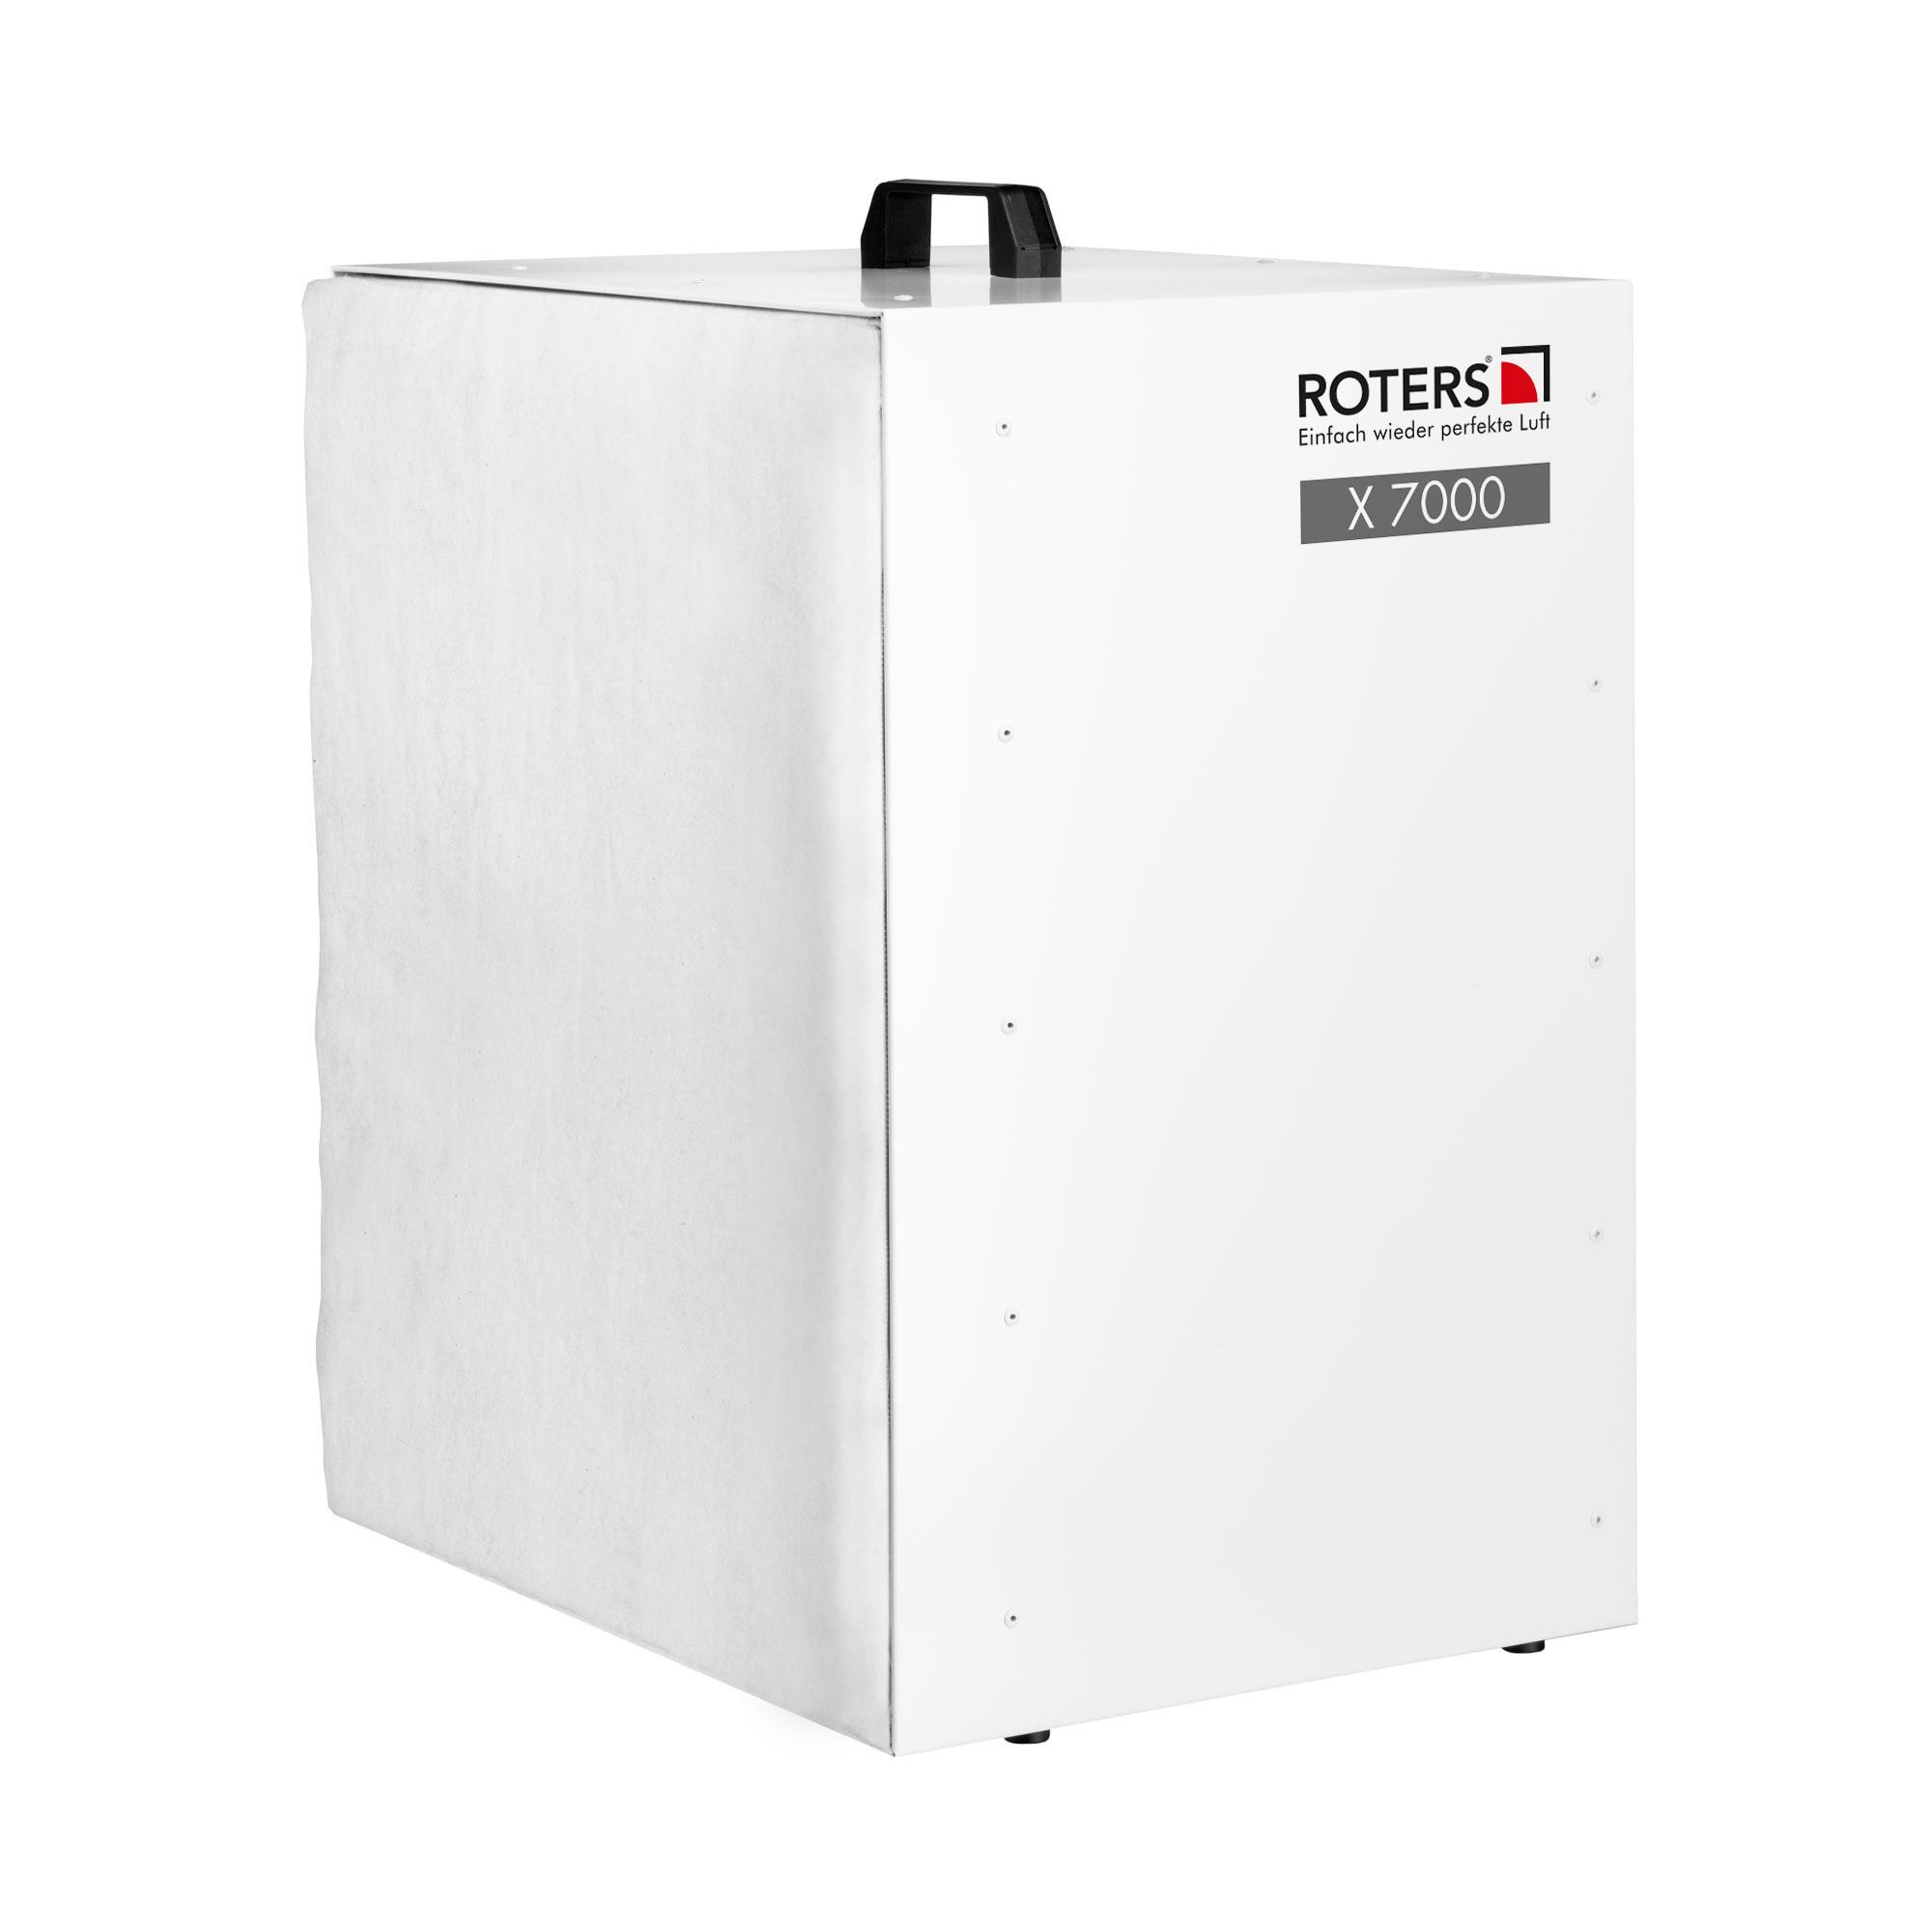 Staubfilterbox X7000, Stahl lackiert, grau, 700 x 400 x 400mm, D 400 mm, 2400m3/h